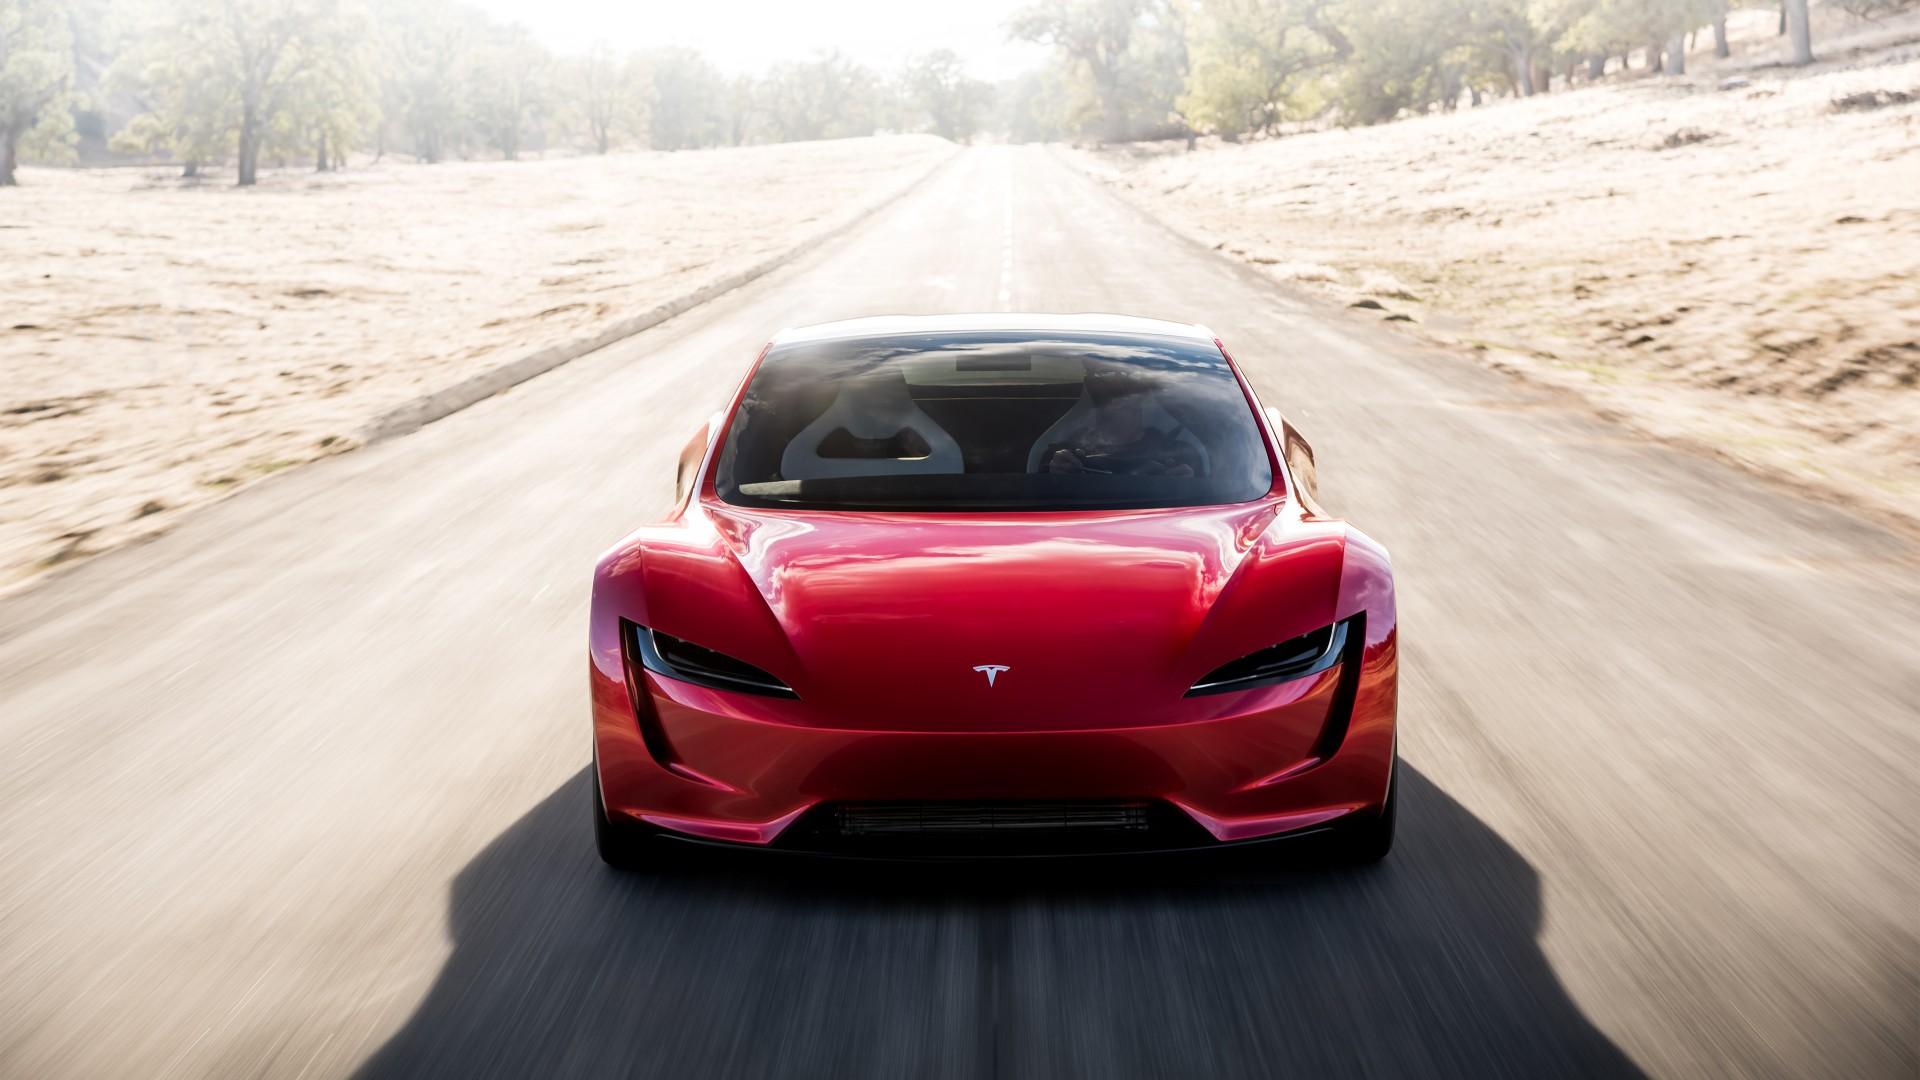 Tesla Roadster K  Wallpaper Hd Car Wallpapers Id